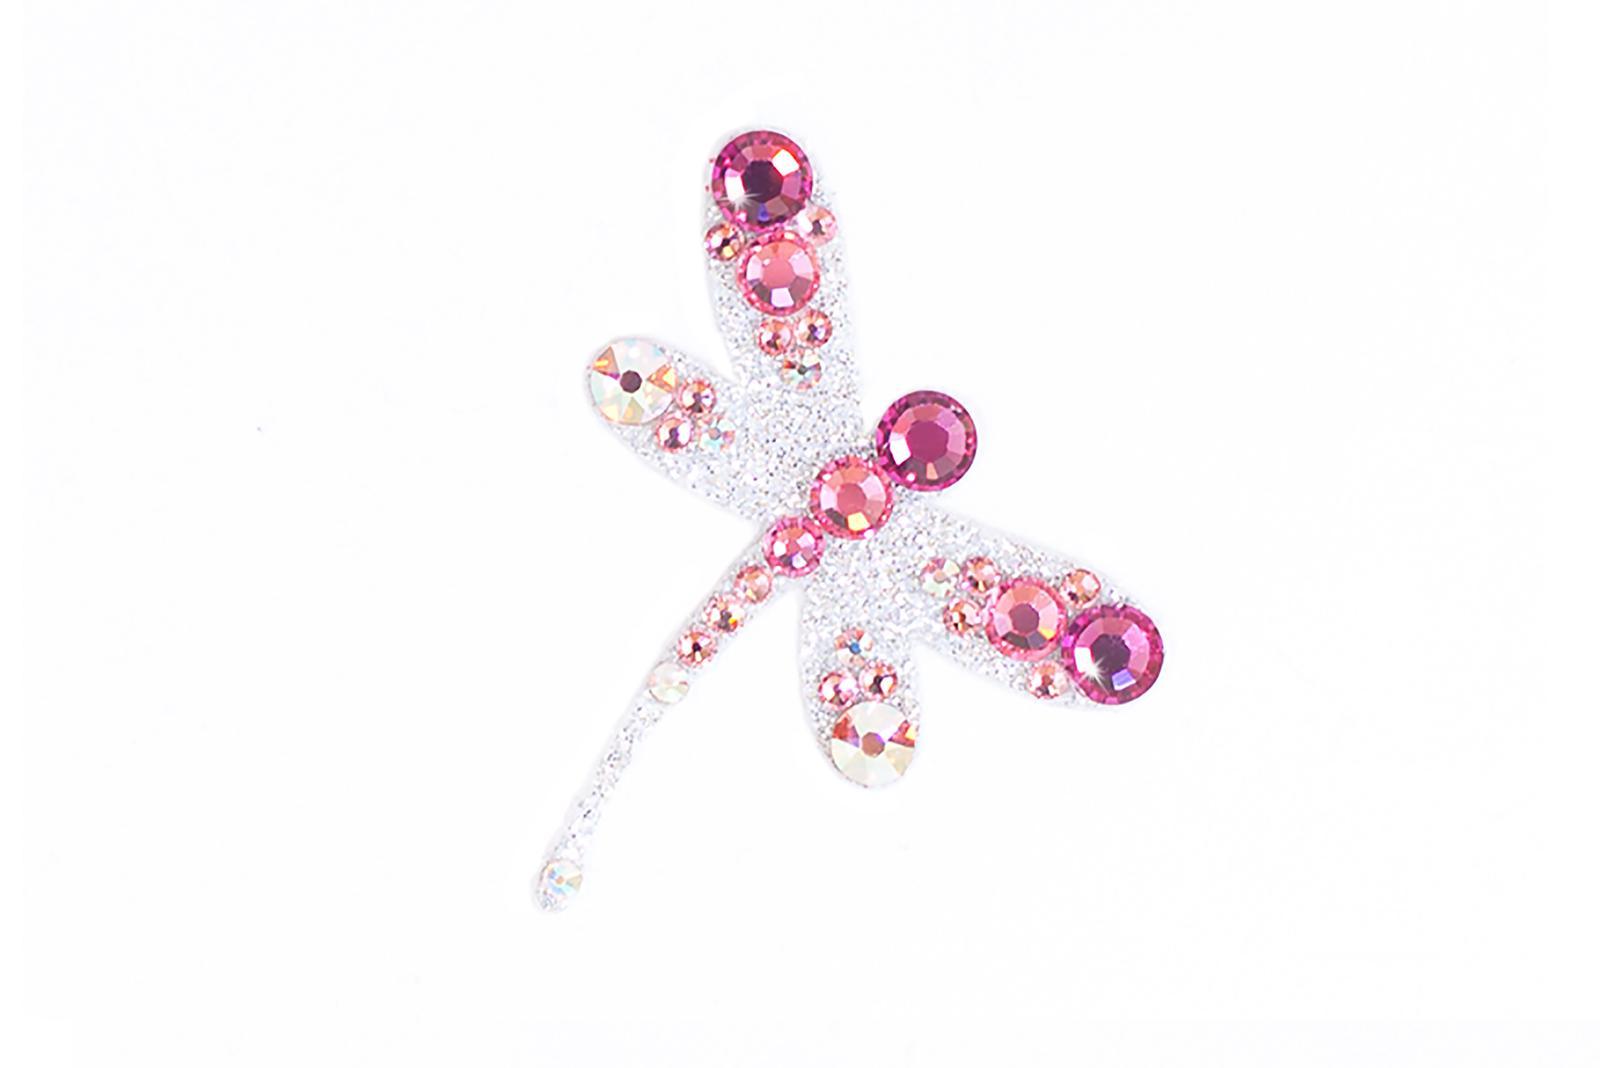 SO.nia nalepovací šperk Harmony růžový 1 ks - Obrázek č. 1